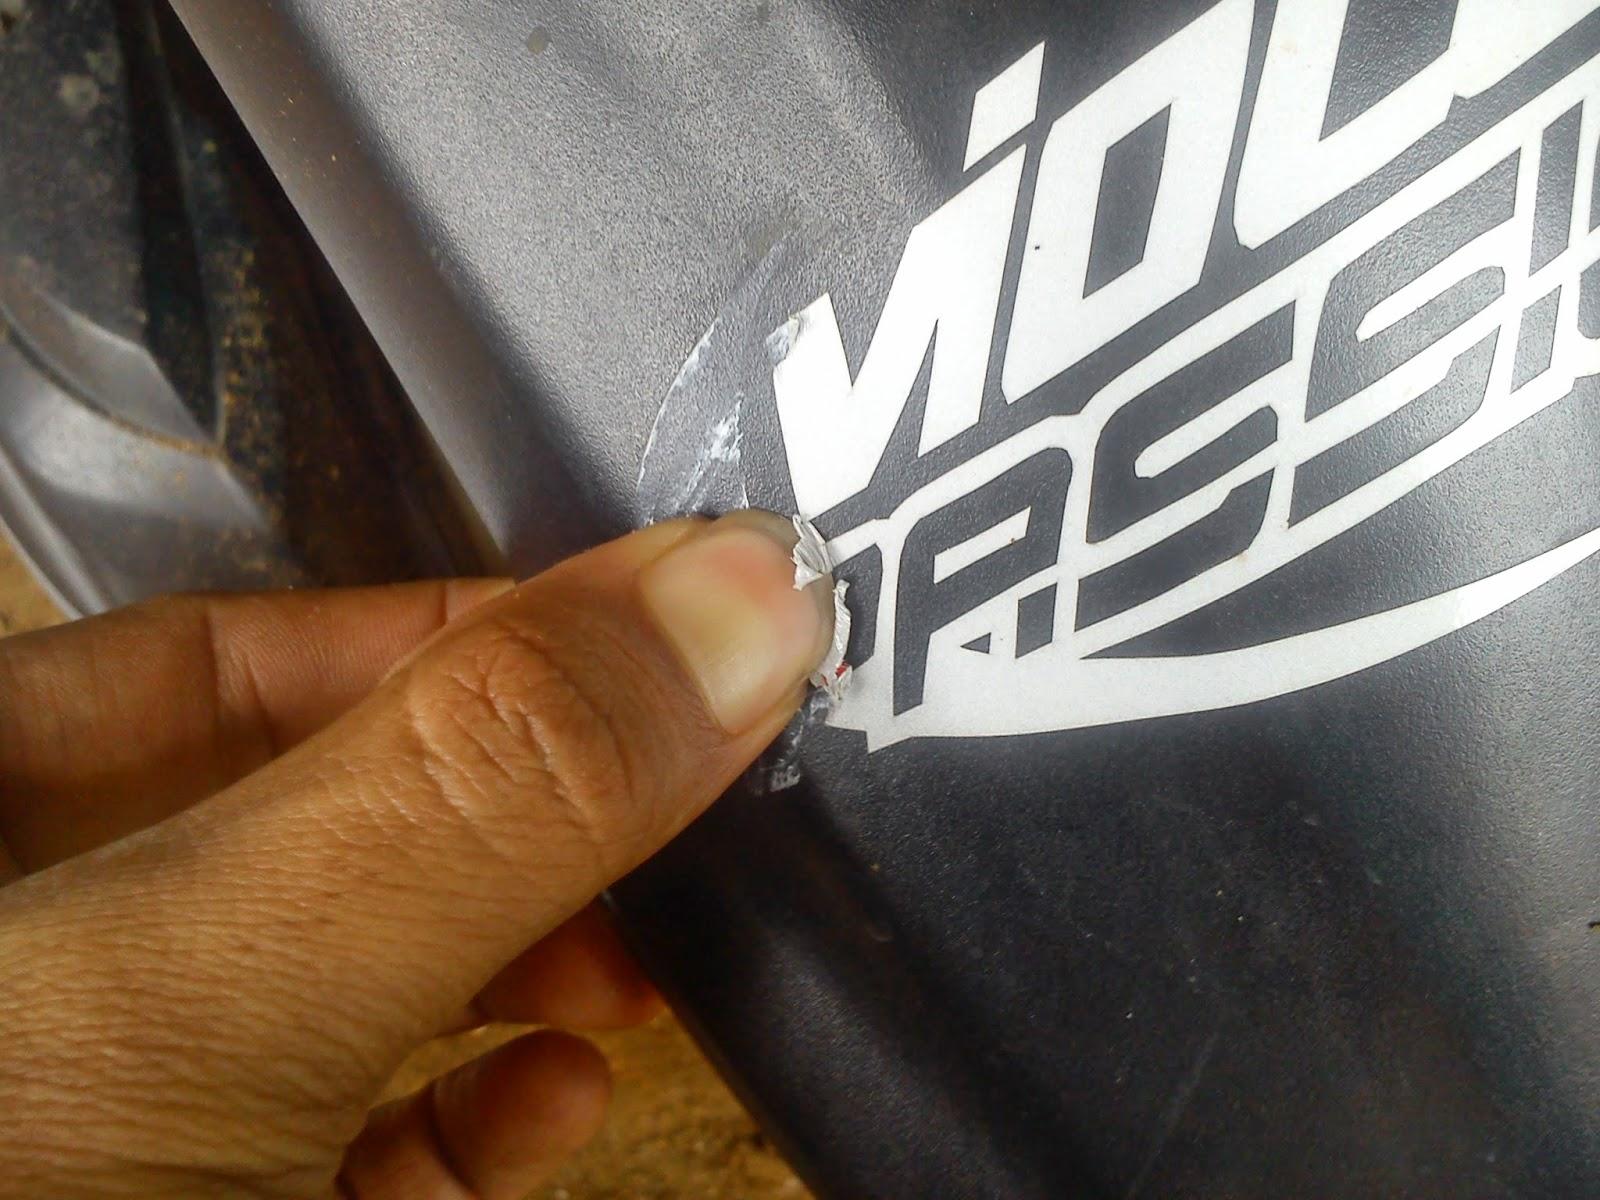 violetsticker: cara mudah melepas sticker cutting yang sudah menempel